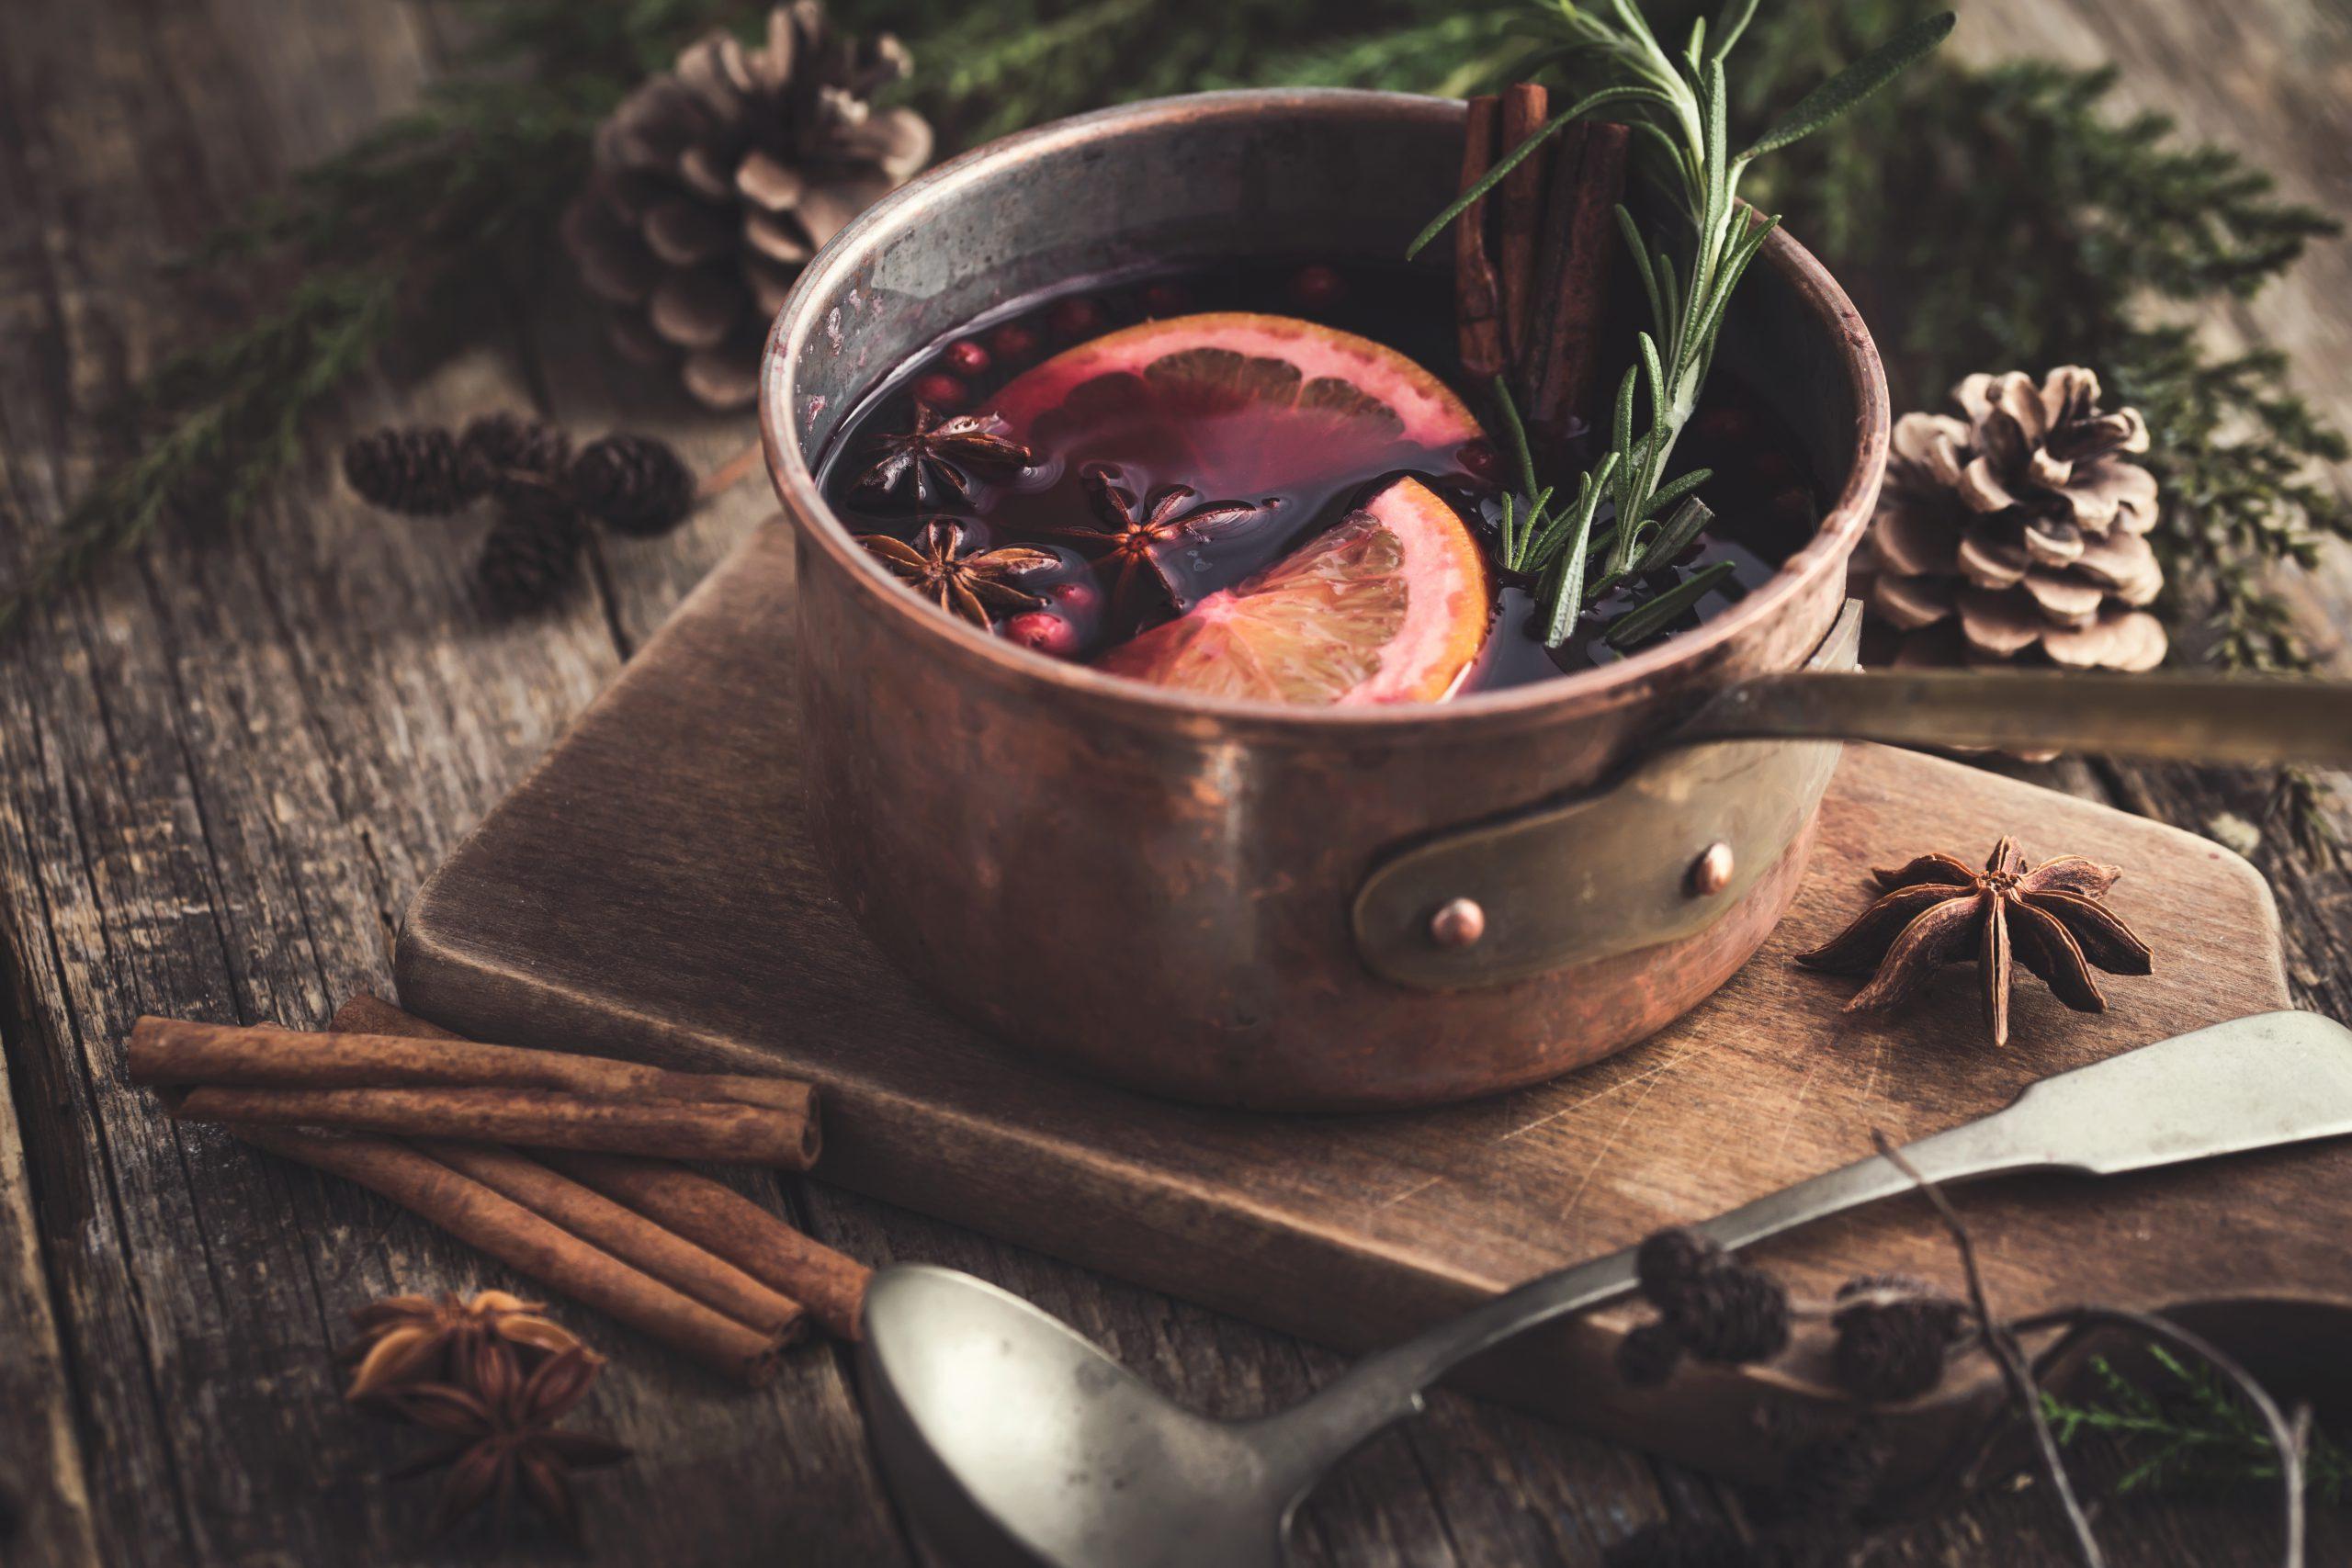 寒い季節におすすめ!ホットワインを美味しく作るコツ